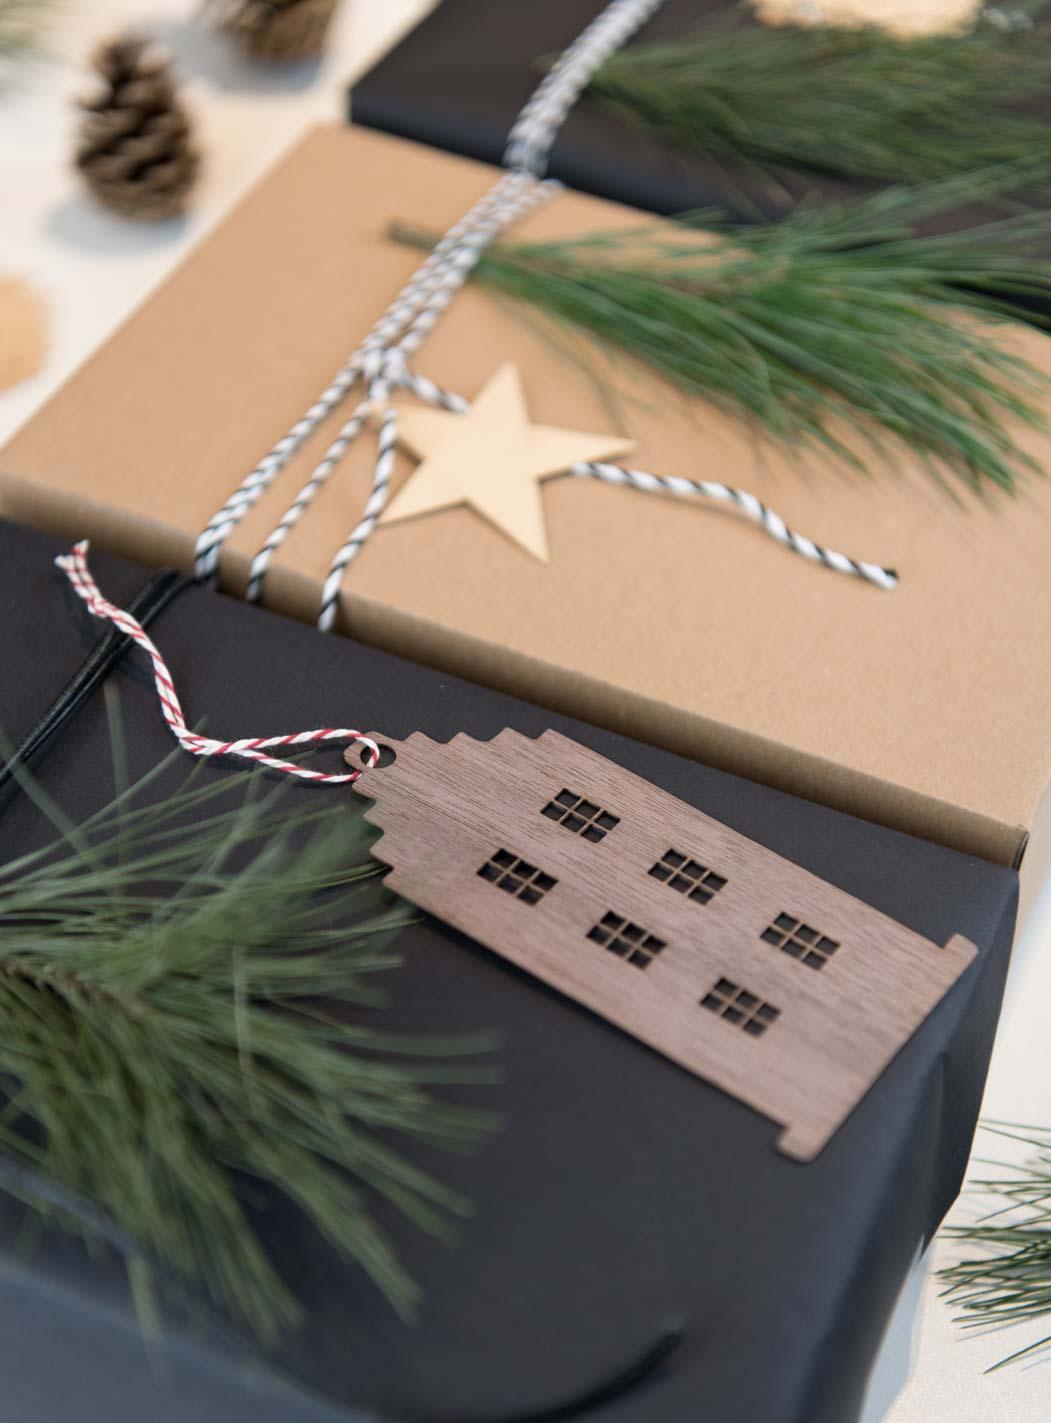 Geschenke verpacken mit Daheim Deko